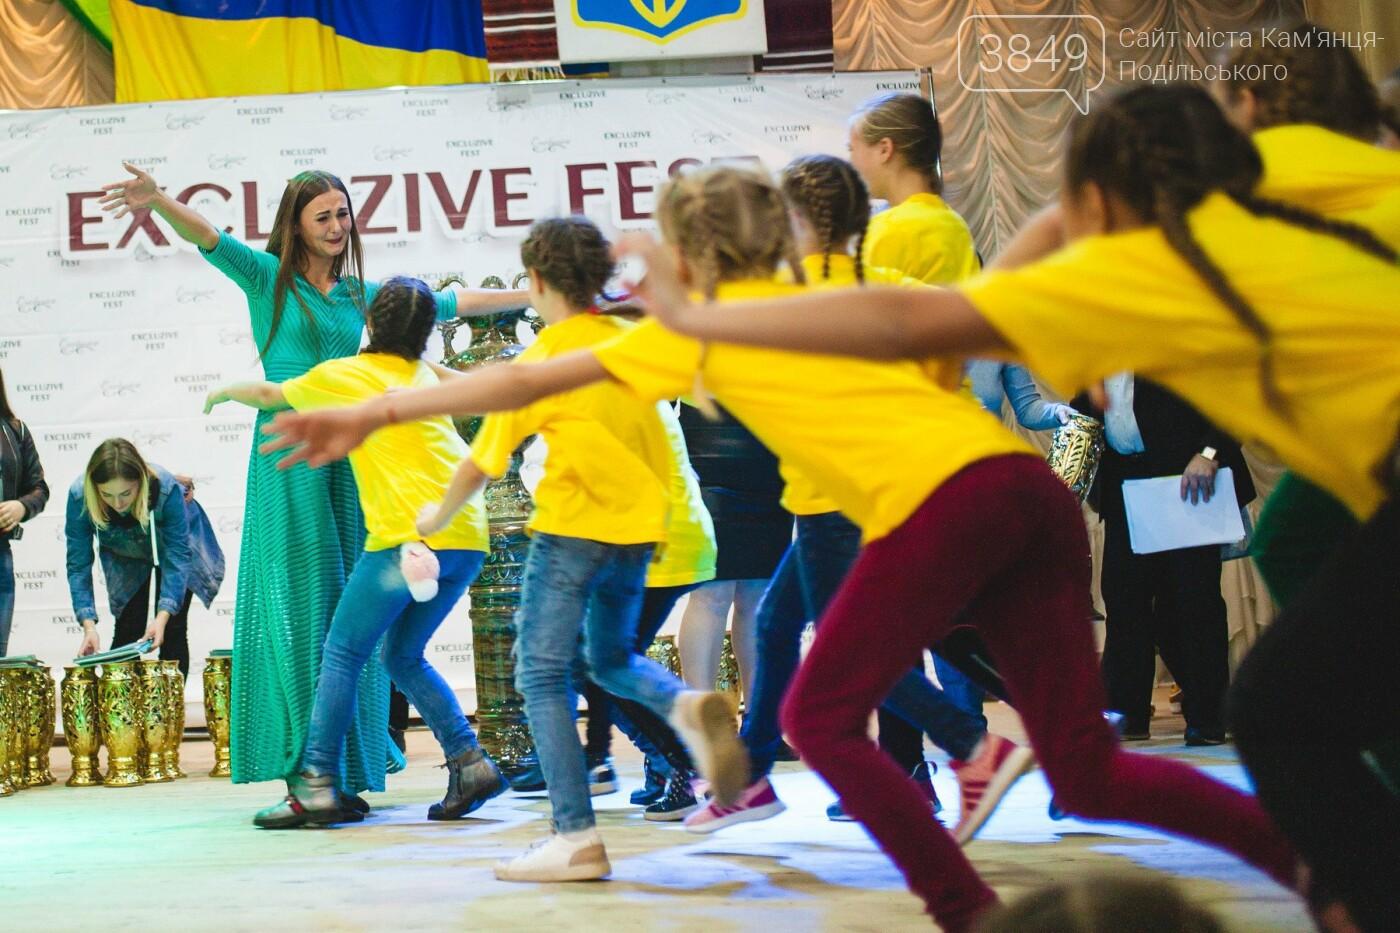 Юні кам'янецькі танцюристи завоювали чотири I місця та Гран-прі найбільшого фестивалю Західної України, фото-6